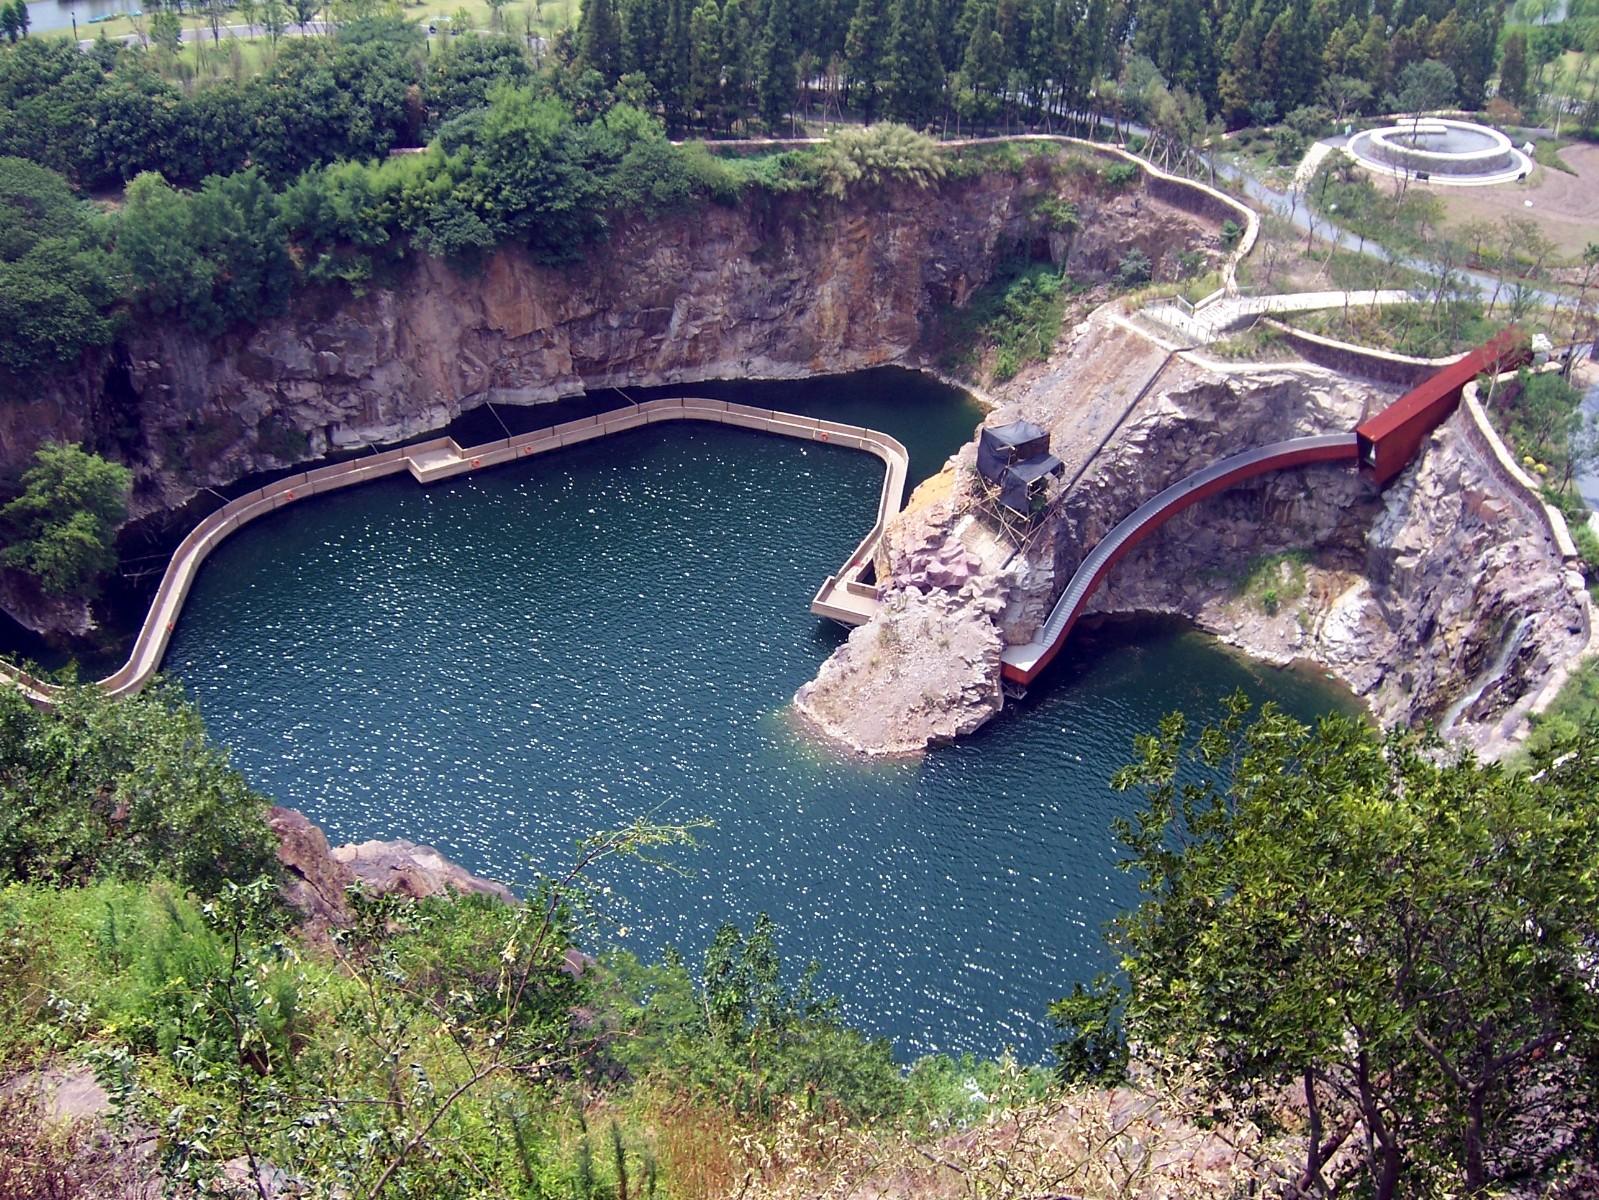 矿坑花园 @上海辰山植物园